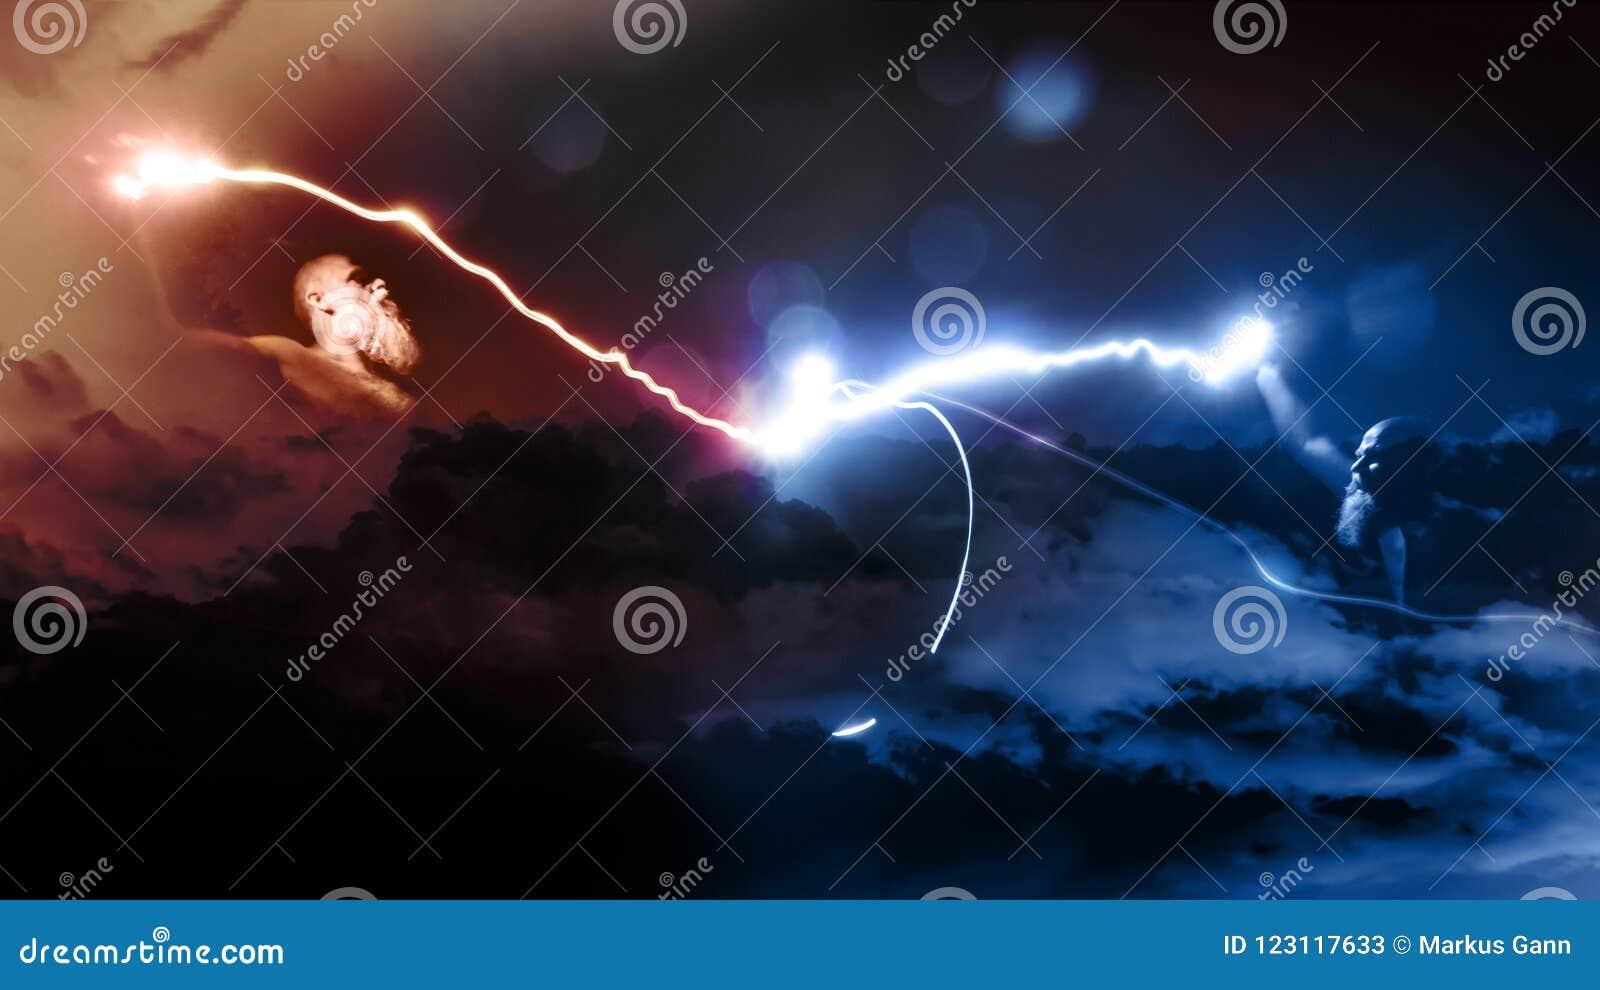 δύο Θεοί παλεύουν με την αστραπή